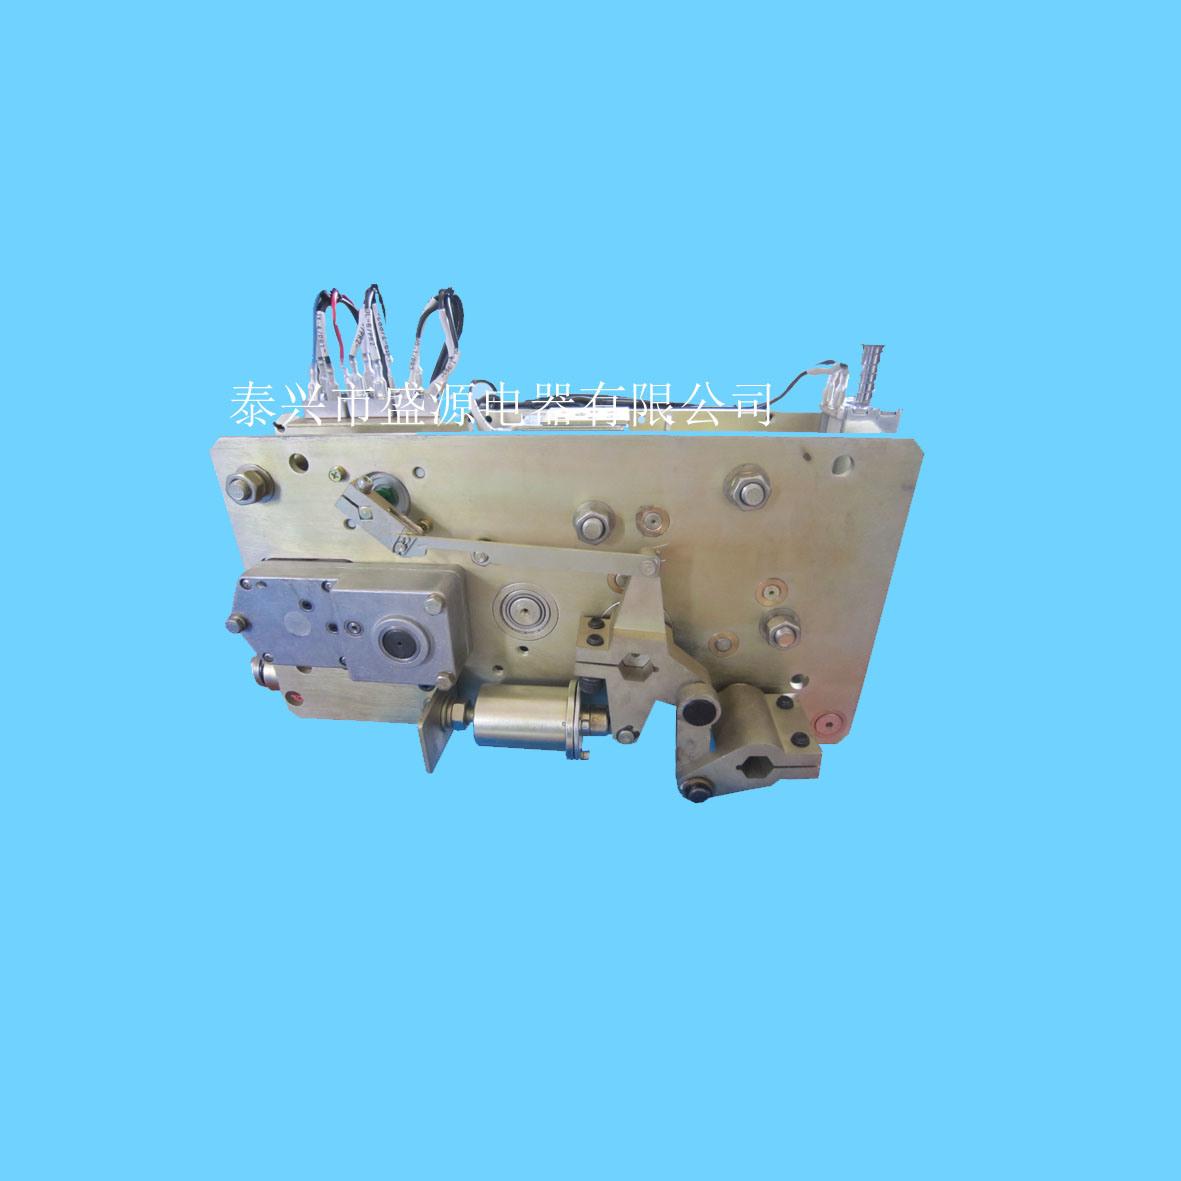 Outdoor Circuit Breaker Mechanism for Customers